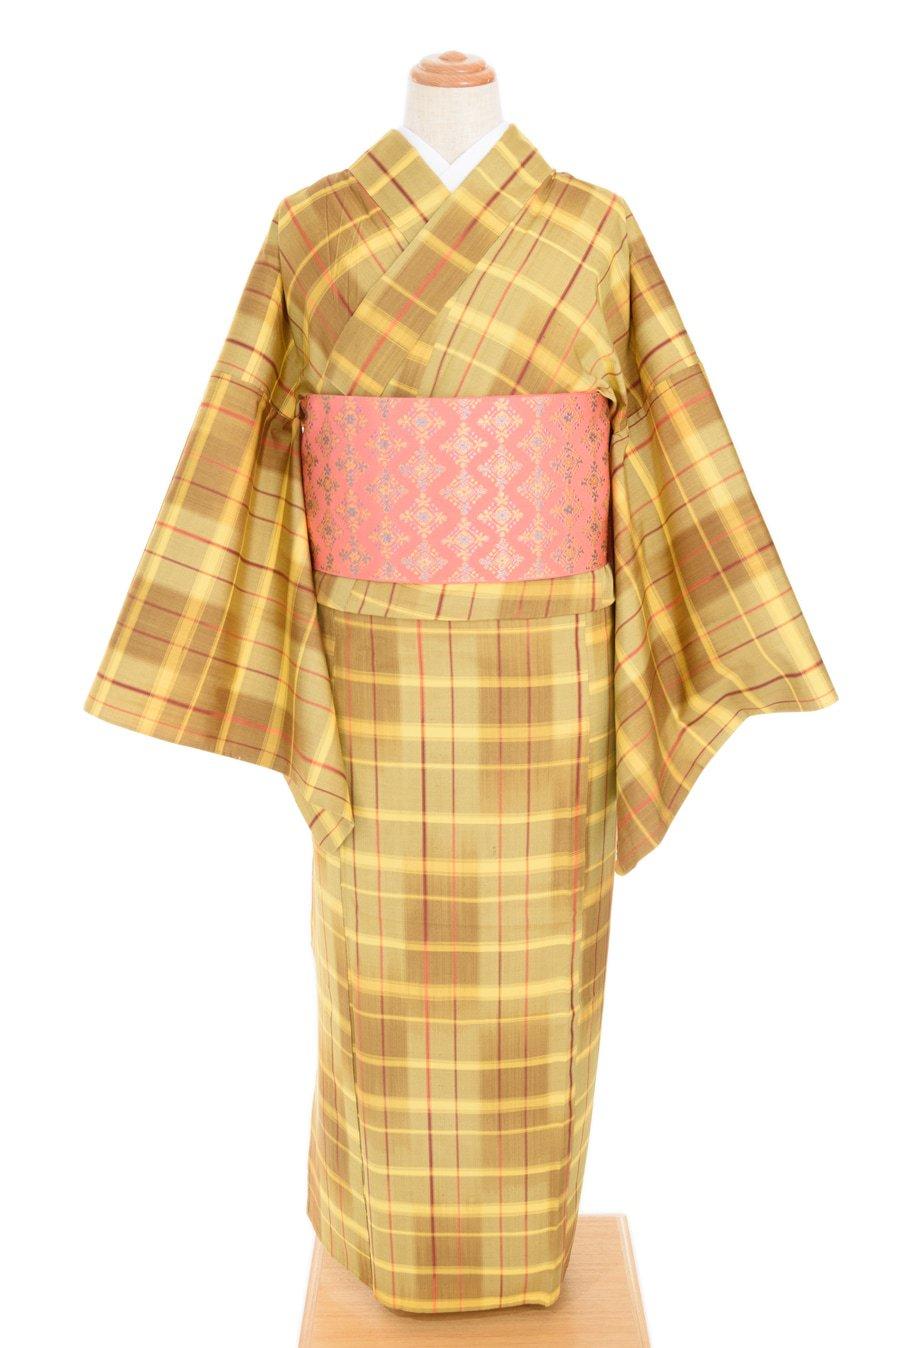 「単衣●黄色ベースの格子」の商品画像